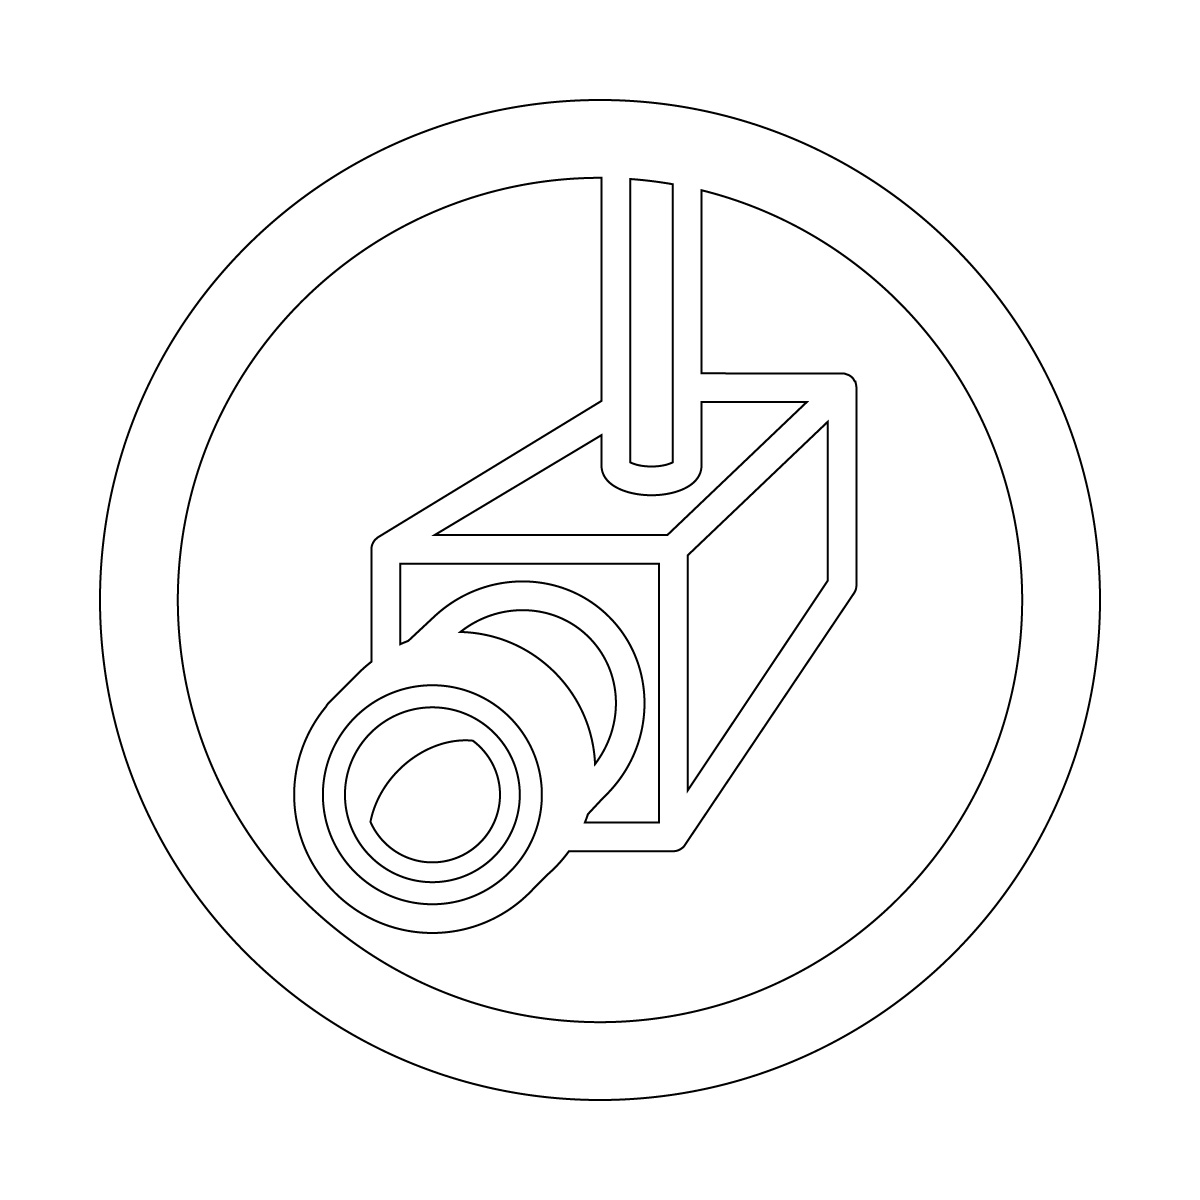 白色の防犯カメラ・撮影中・録画中・万引き対策マークのカッティングステッカー・シール 光沢タイプ・防水・耐水・屋外耐候3~4年